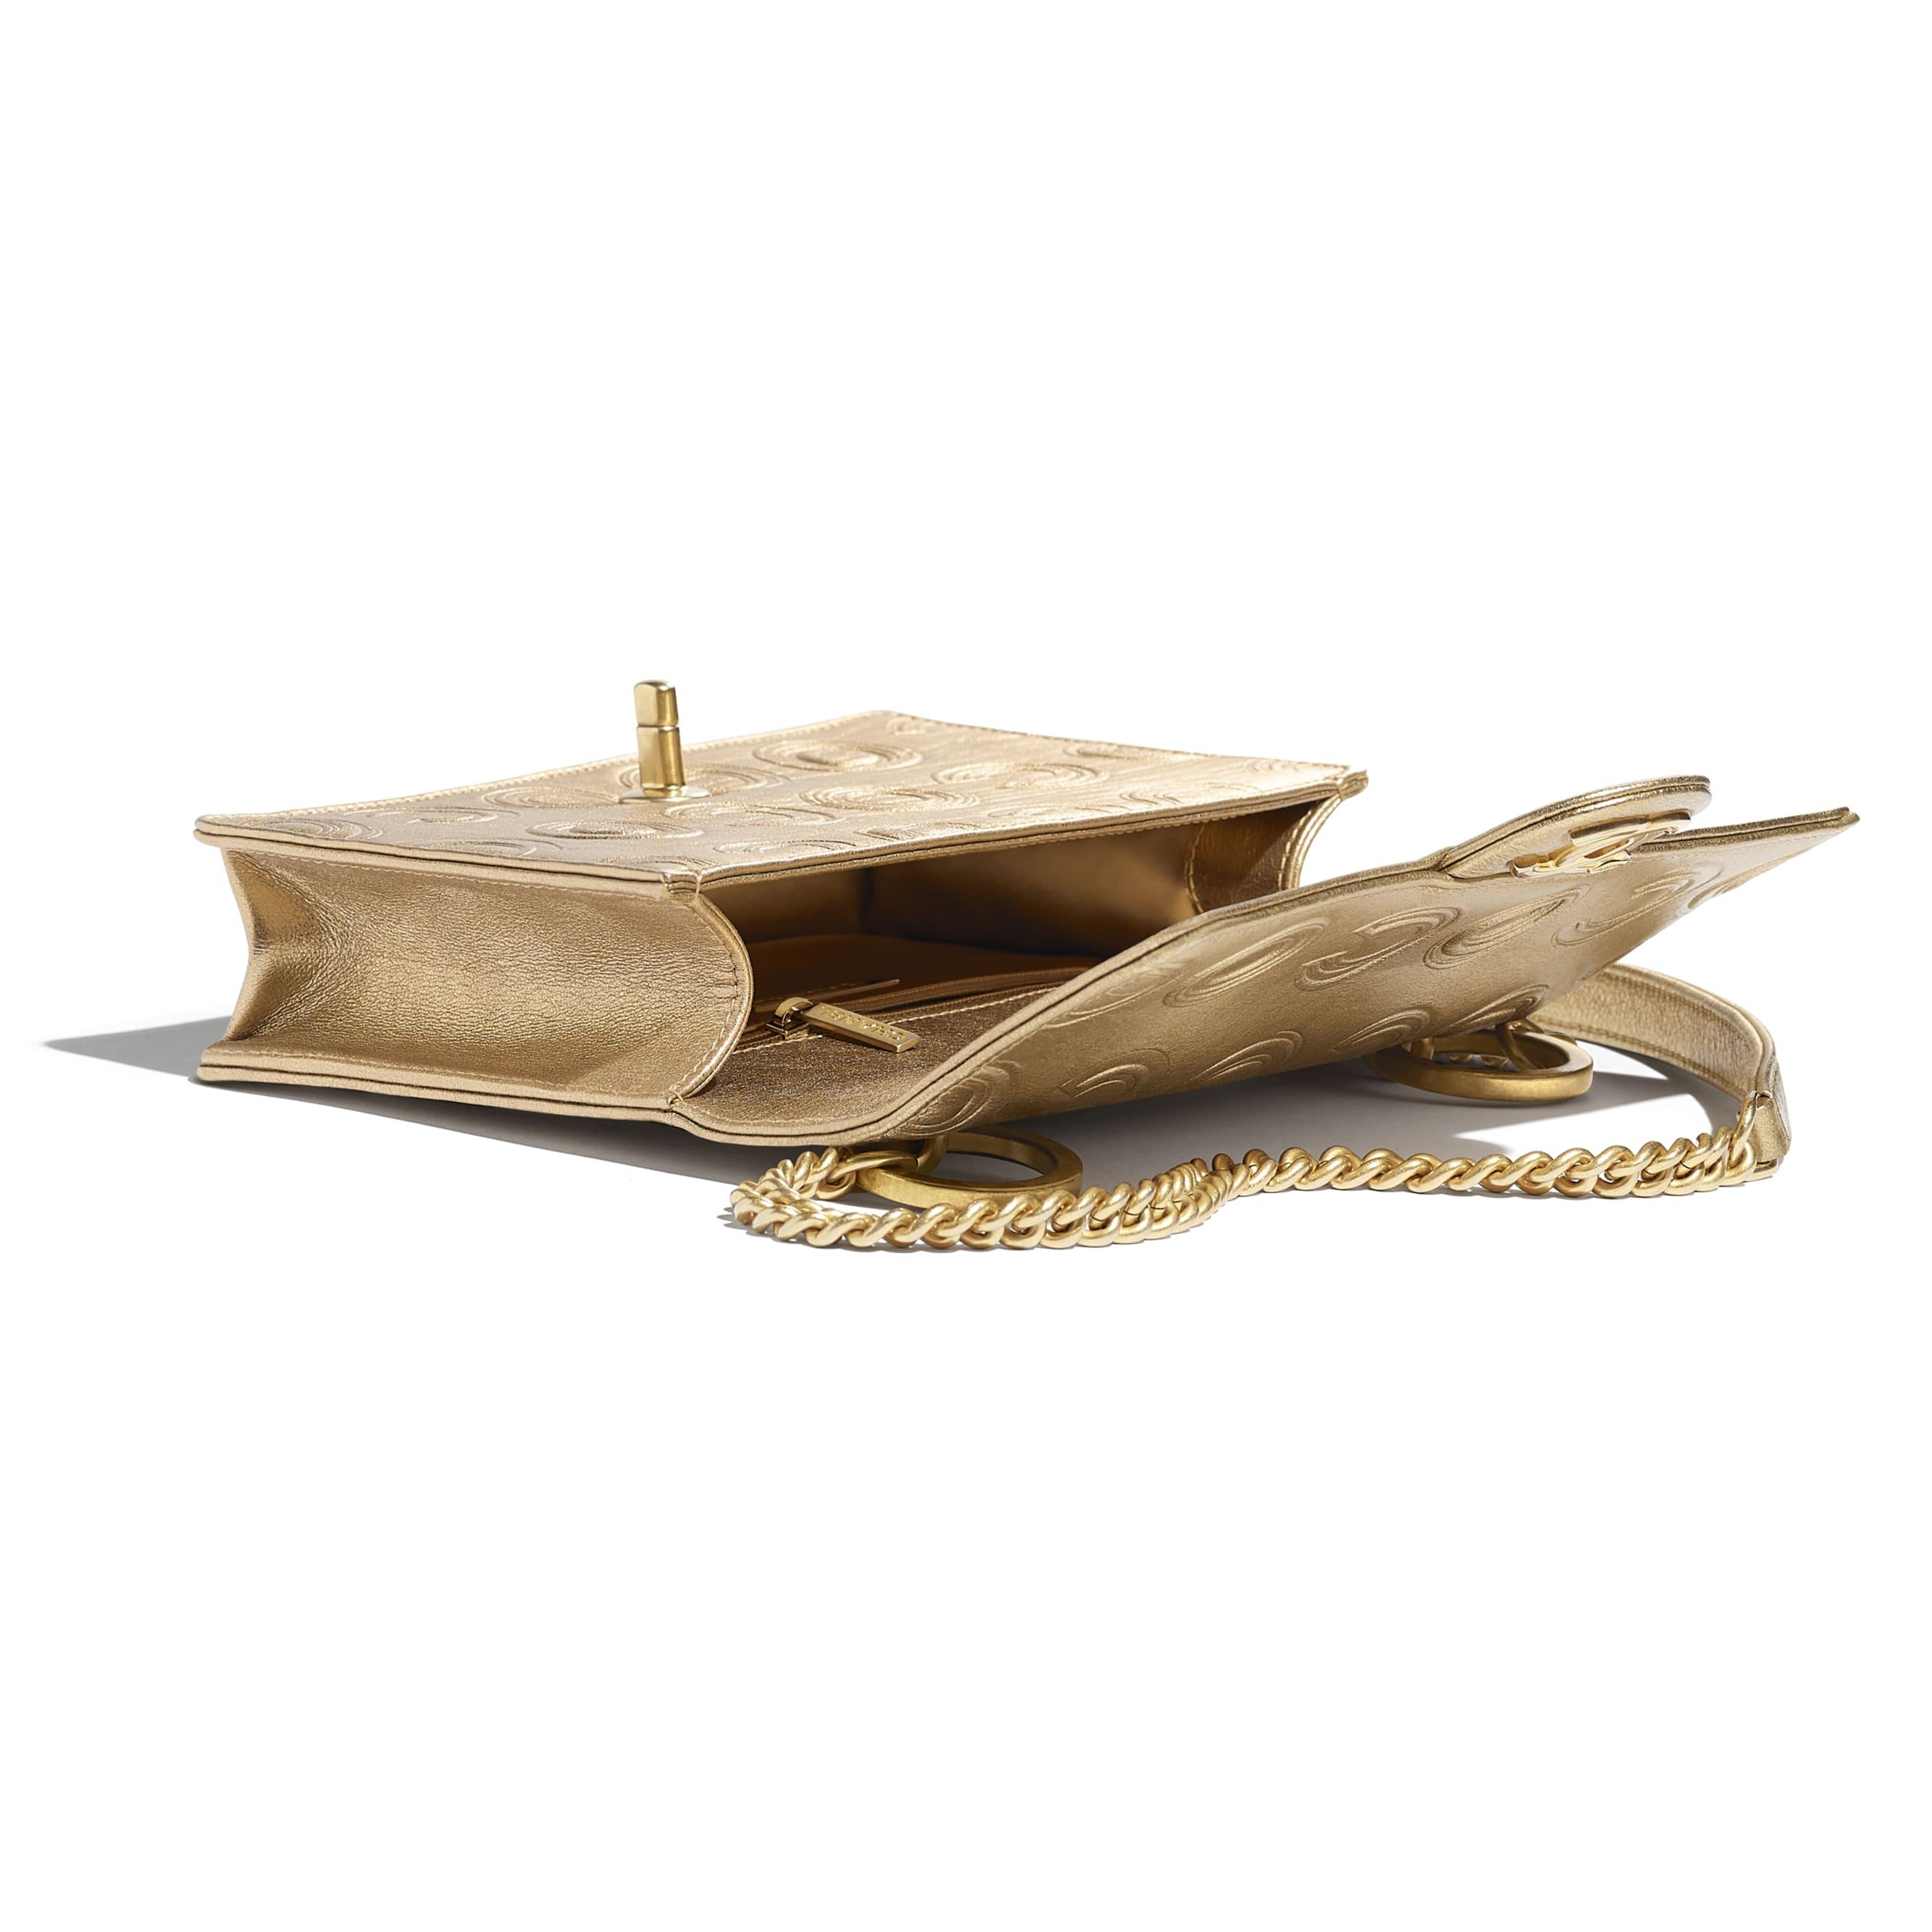 Сумка-конверт - Золотистый - Металлизированная кожа теленка и золотистый металл - Другое изображение - посмотреть изображение стандартного размера